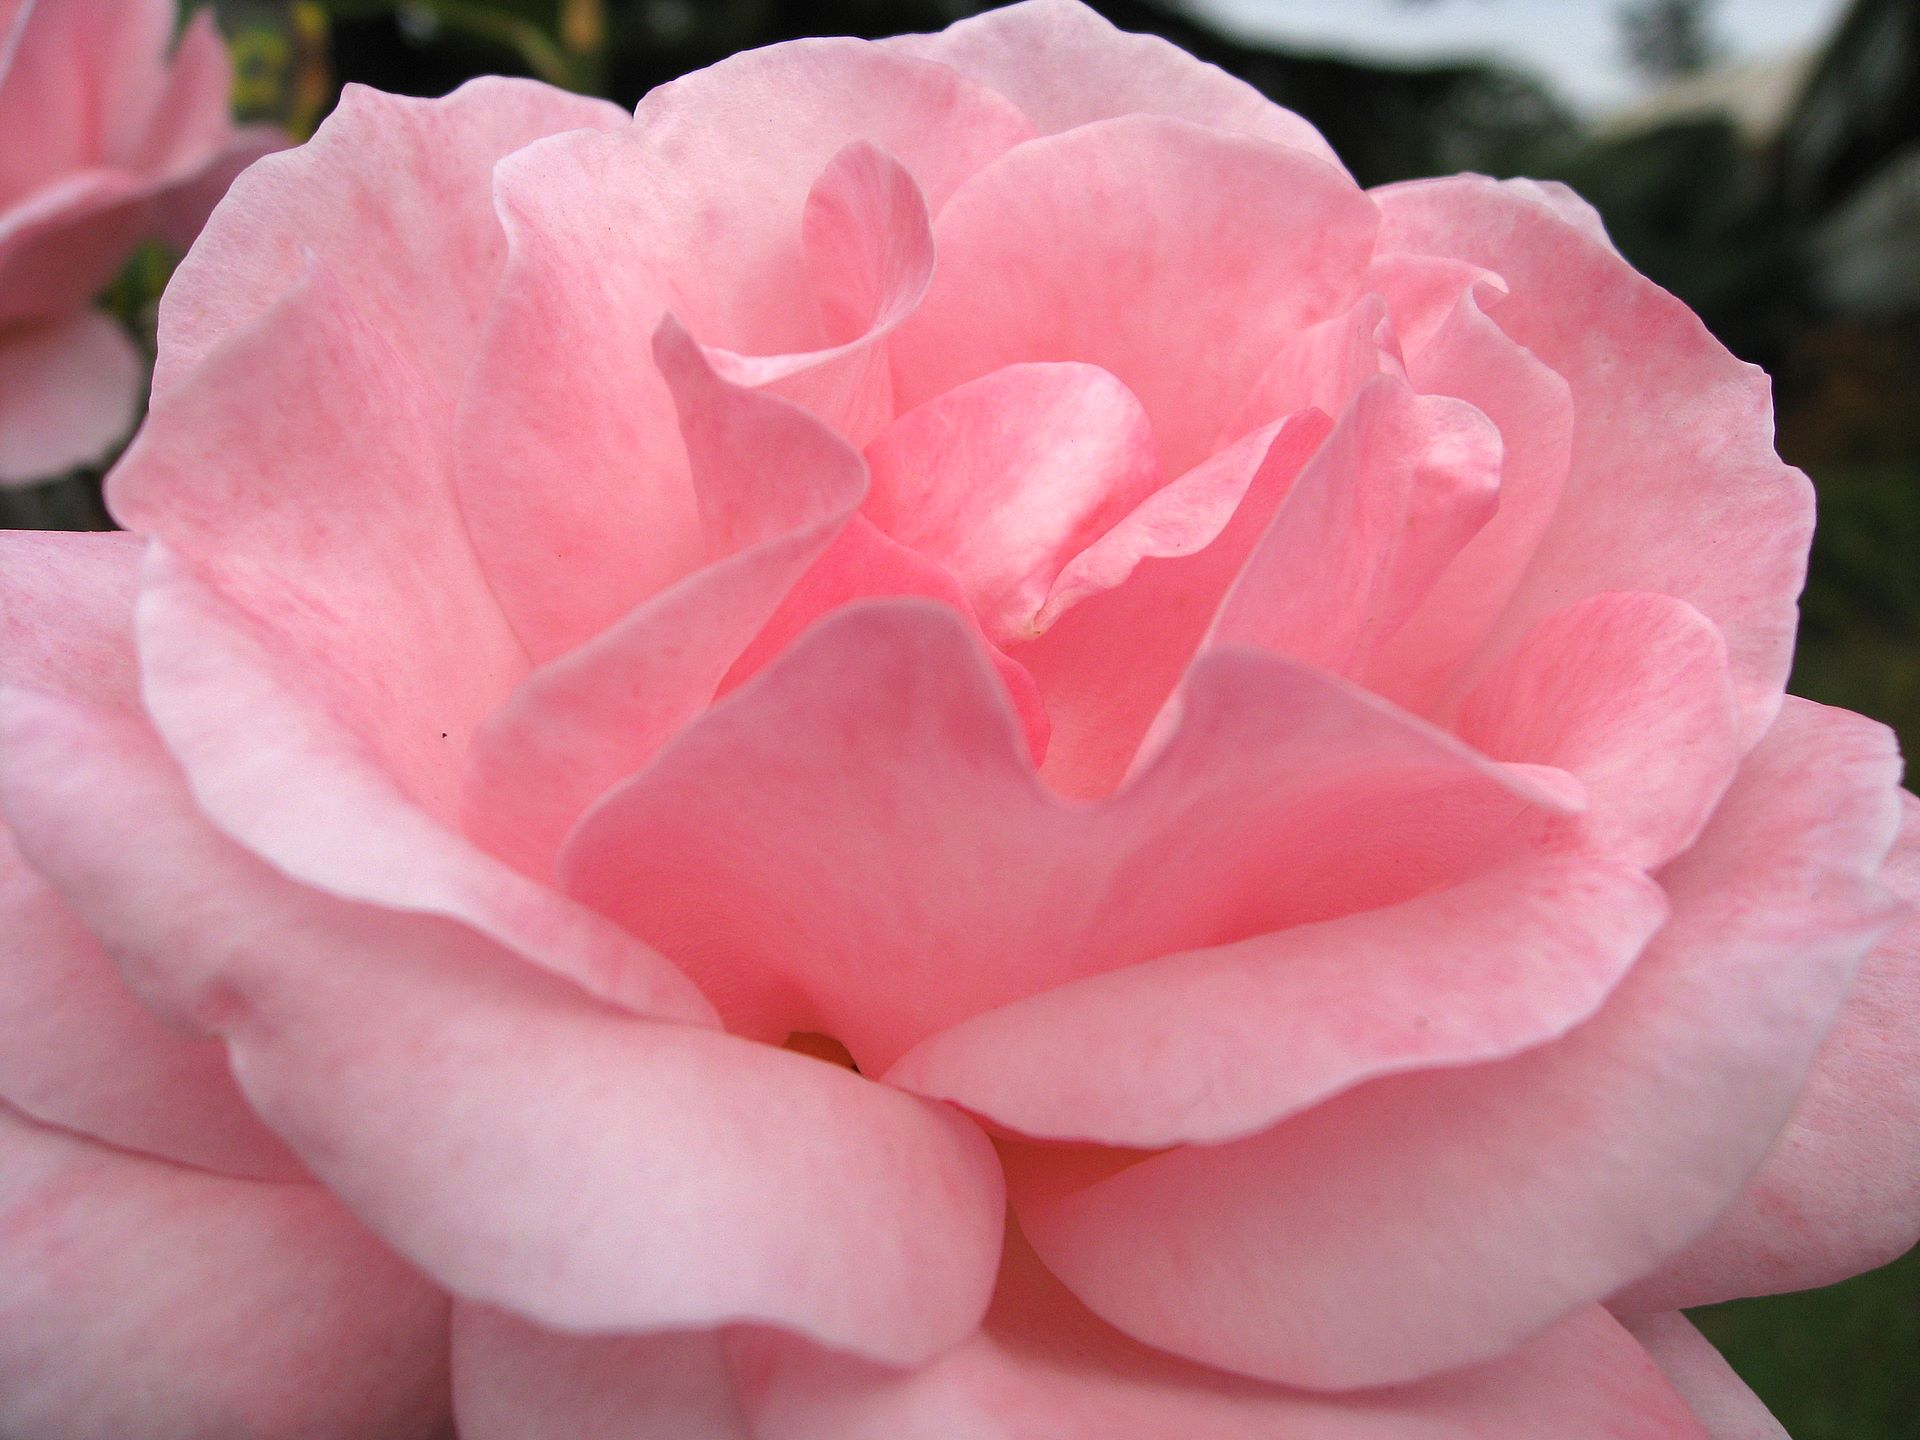 Rose Wallpaper 1920x1440